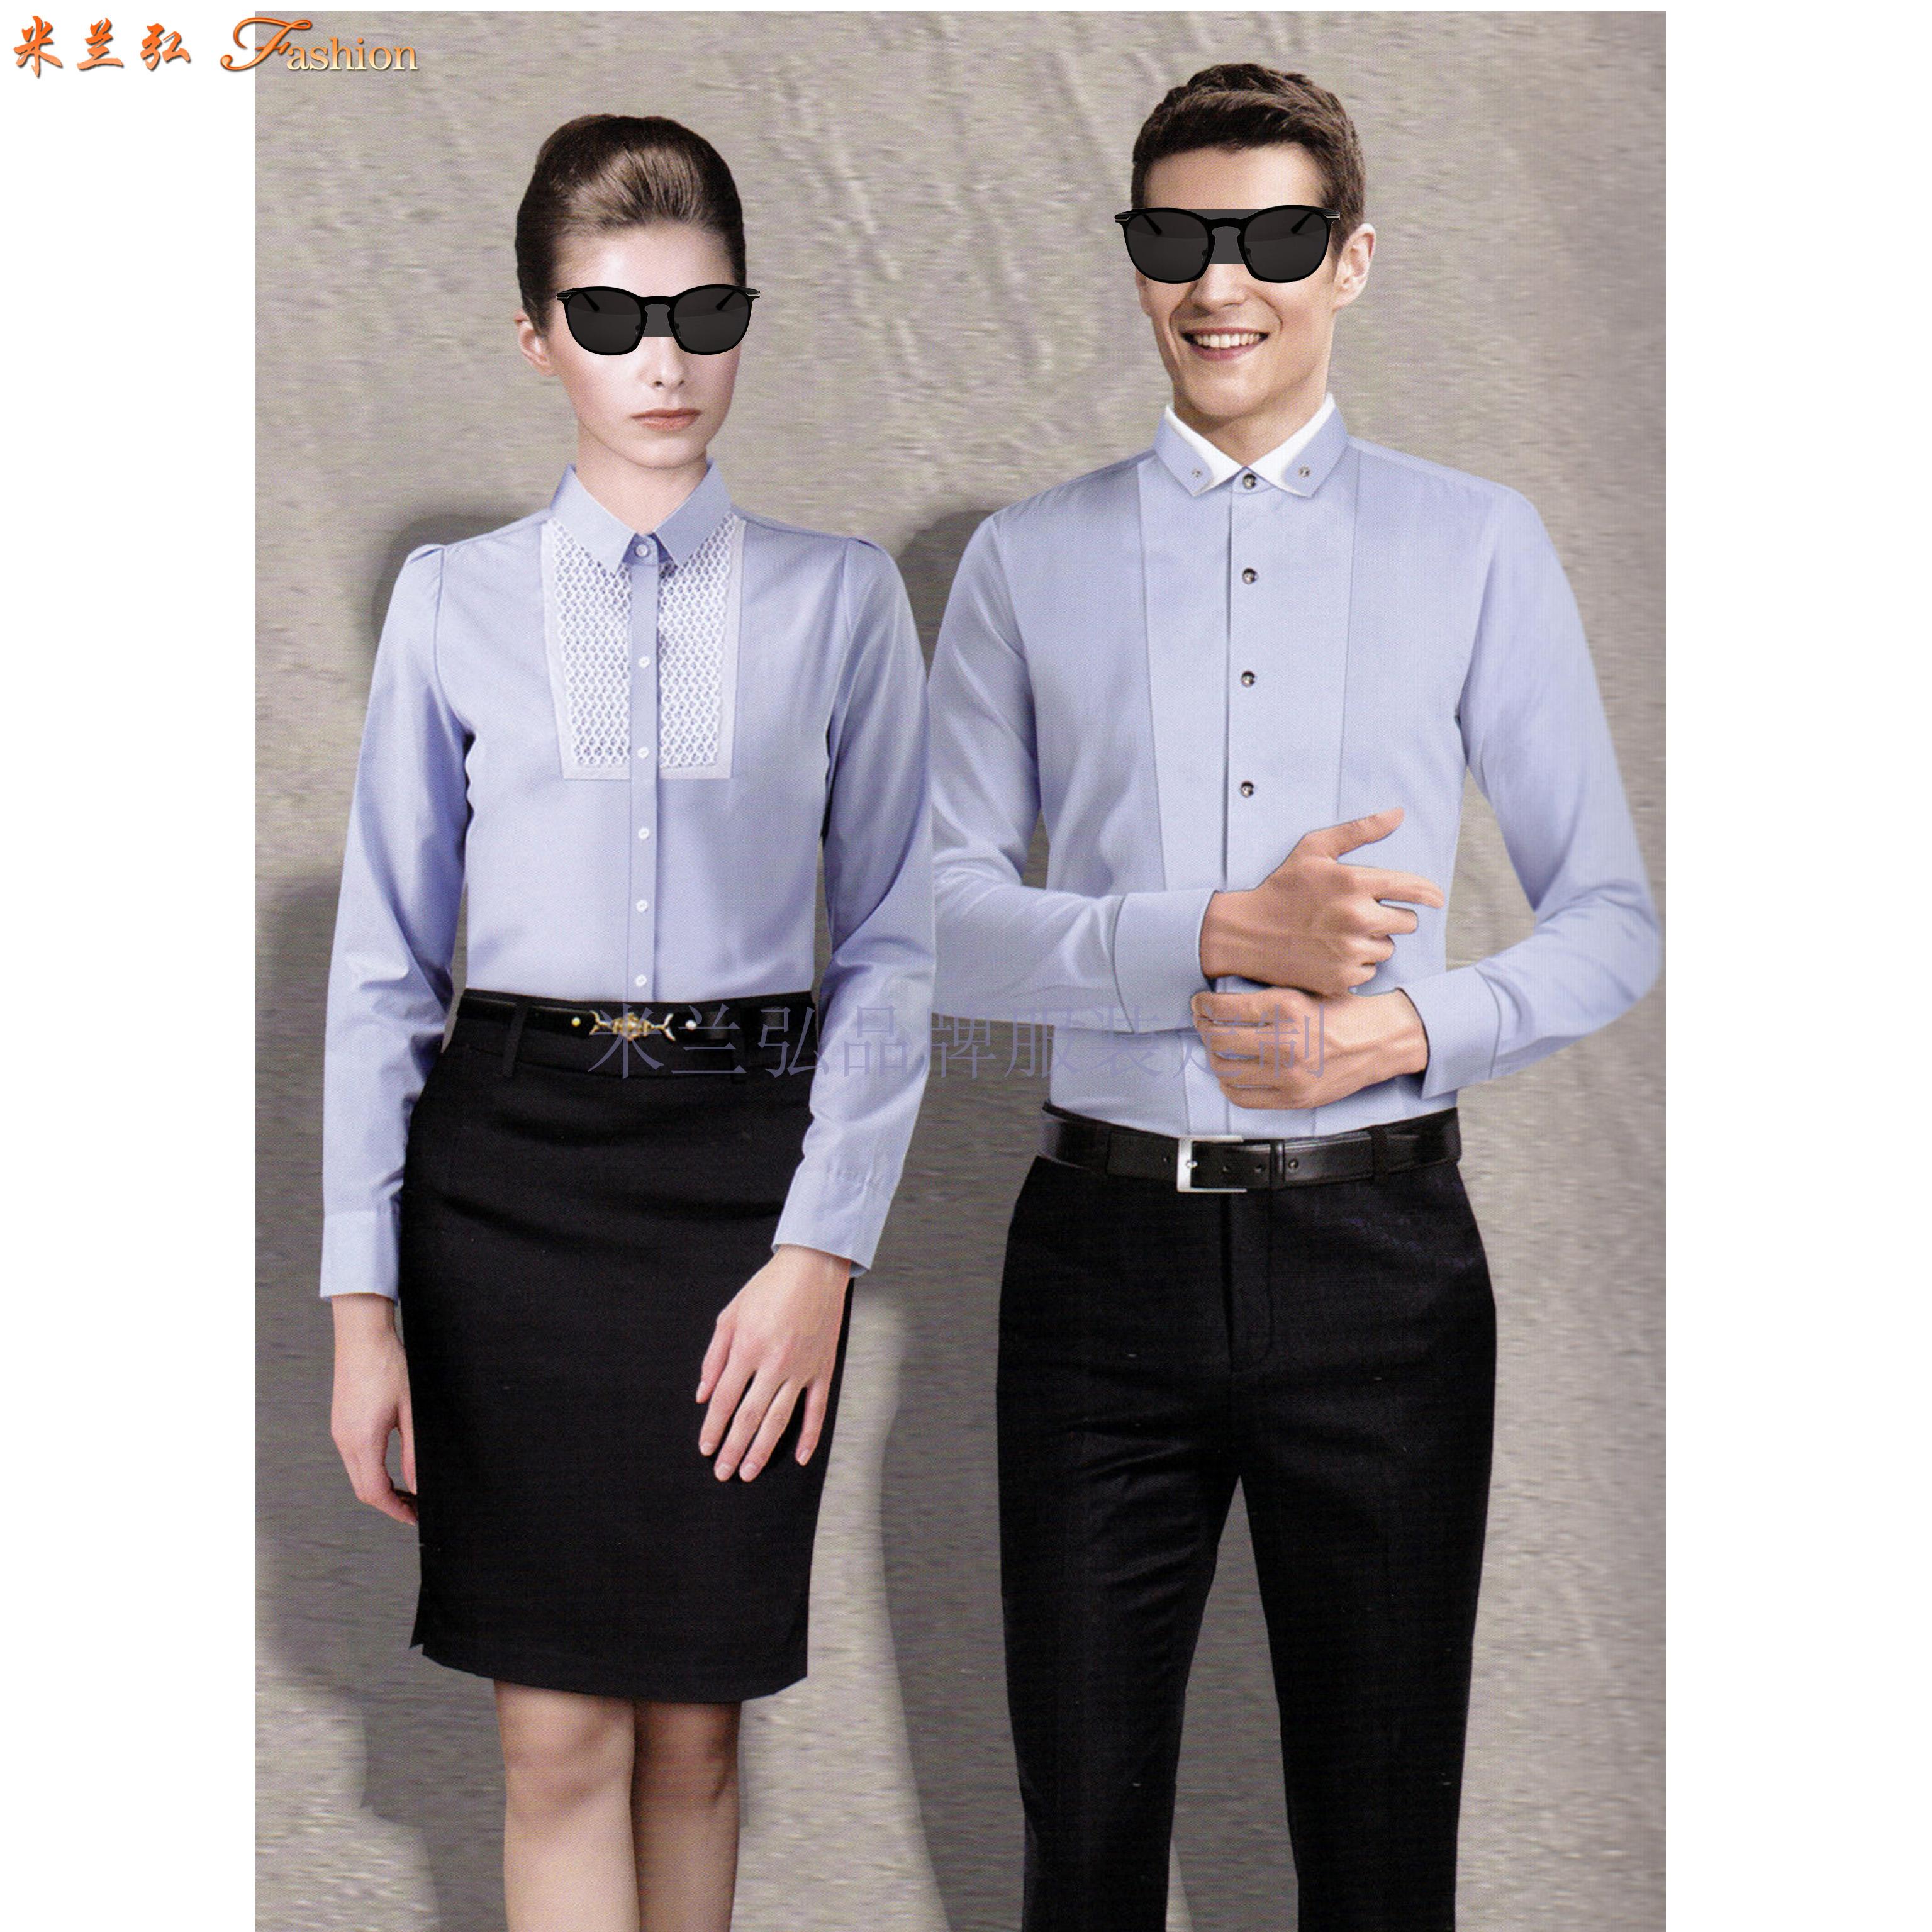 「男式襯衫訂制」「女士襯衫定做」工作服襯衫定制工廠-米蘭弘-2